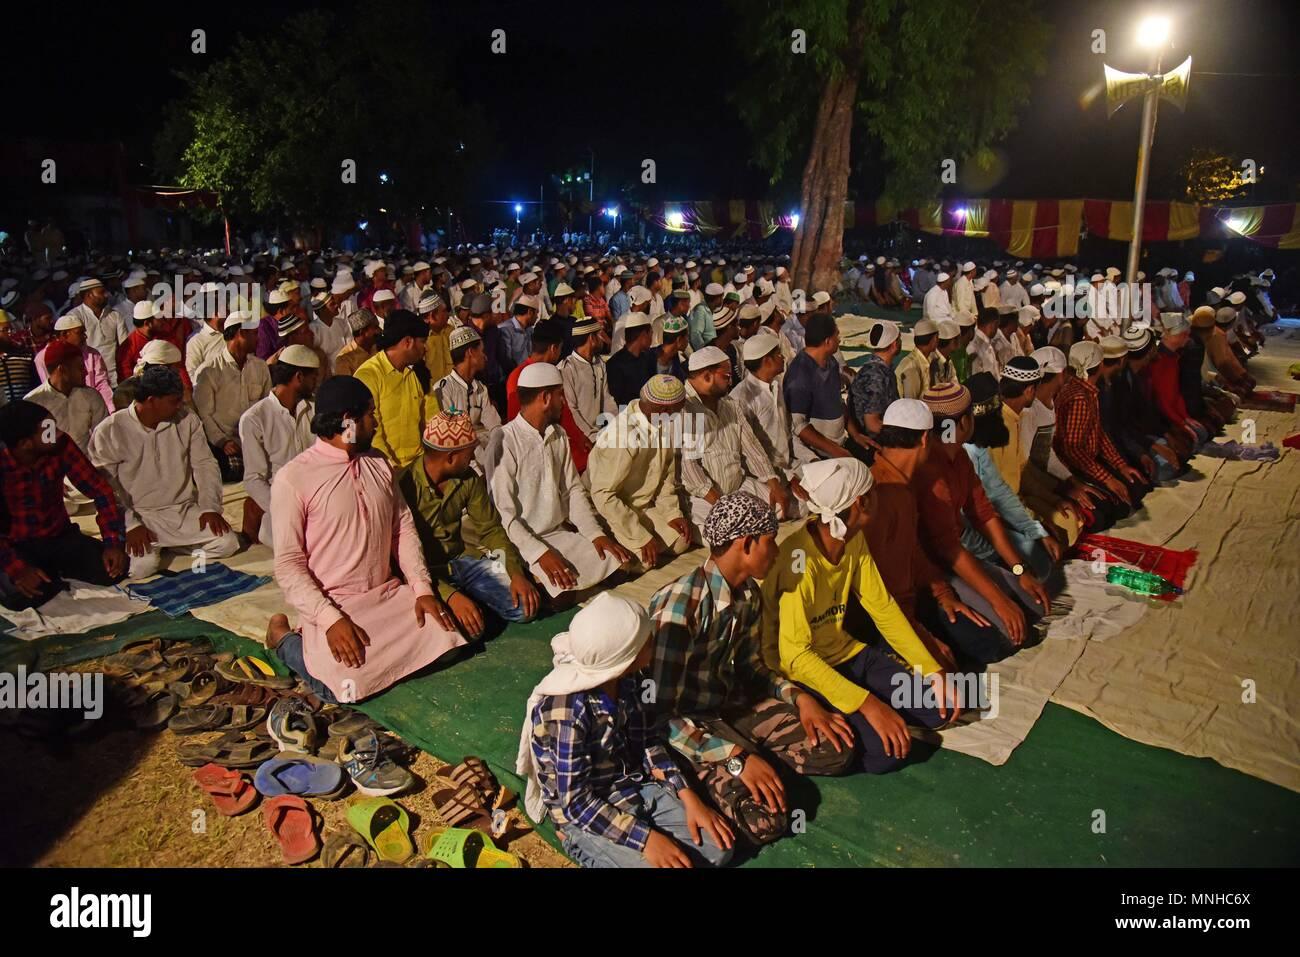 Allahabad, Uttar Pradesh, Indien. 17 Mai, 2018. Allahabad: Muslime bieten Nacht Gebete genannt Tarawieh während des Ramadan Monat in Allahabad, Ramadan ist der neunte Monat des Islamischen Kalenders und der Monat, in dem der Qur'an offenbart wurde, Fasten während des Monats Ramadan ist eine der fünf Säulen des Islam. Der Monat ist durch die Muslime fasten während der Tageslichtstunden von Sonnenaufgang bis Sonnenuntergang verbracht. Credit: Prabhat Kumar Verma/ZUMA Draht/Alamy leben Nachrichten Stockfoto